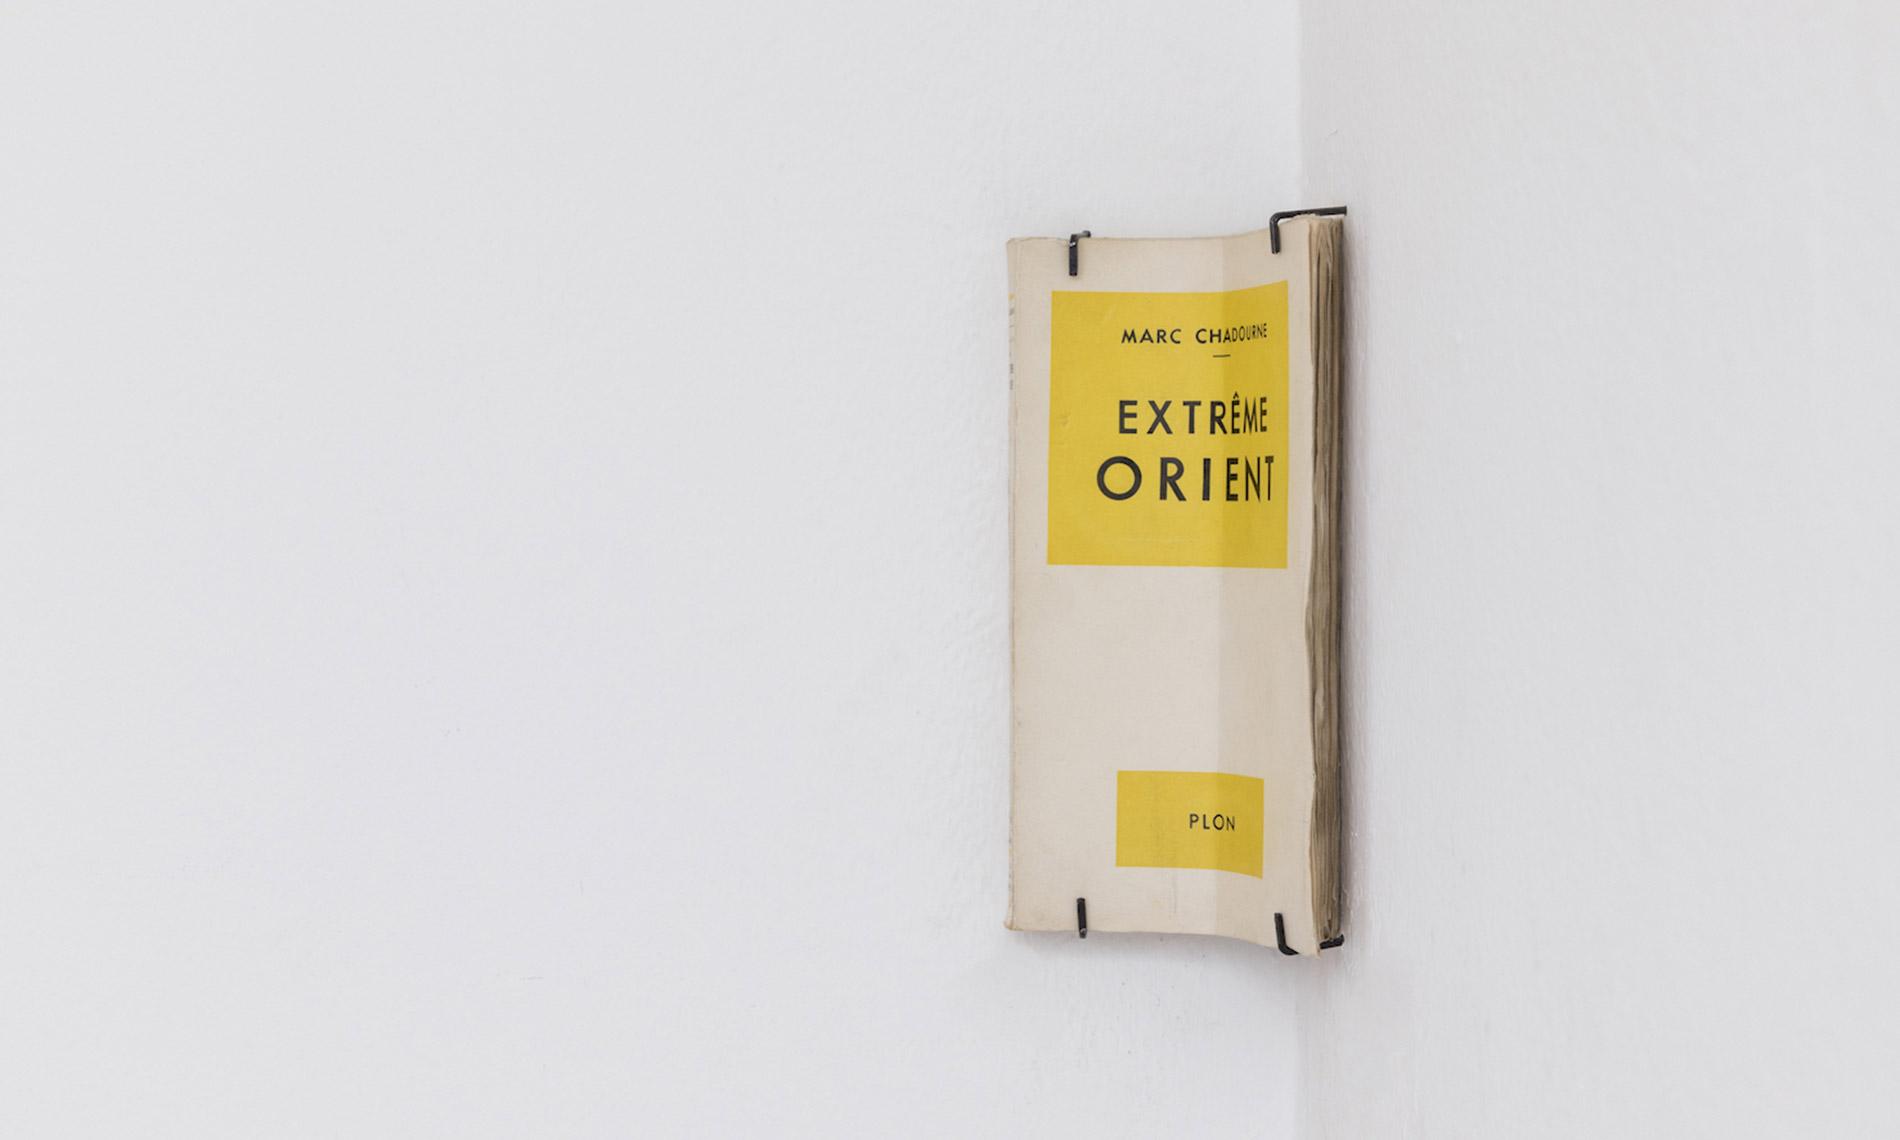 Francesco Arena, Extrême Orient, 2017, libro, foto Roberto Marossi, courtesy Galleria Raffaella Cortese Milano